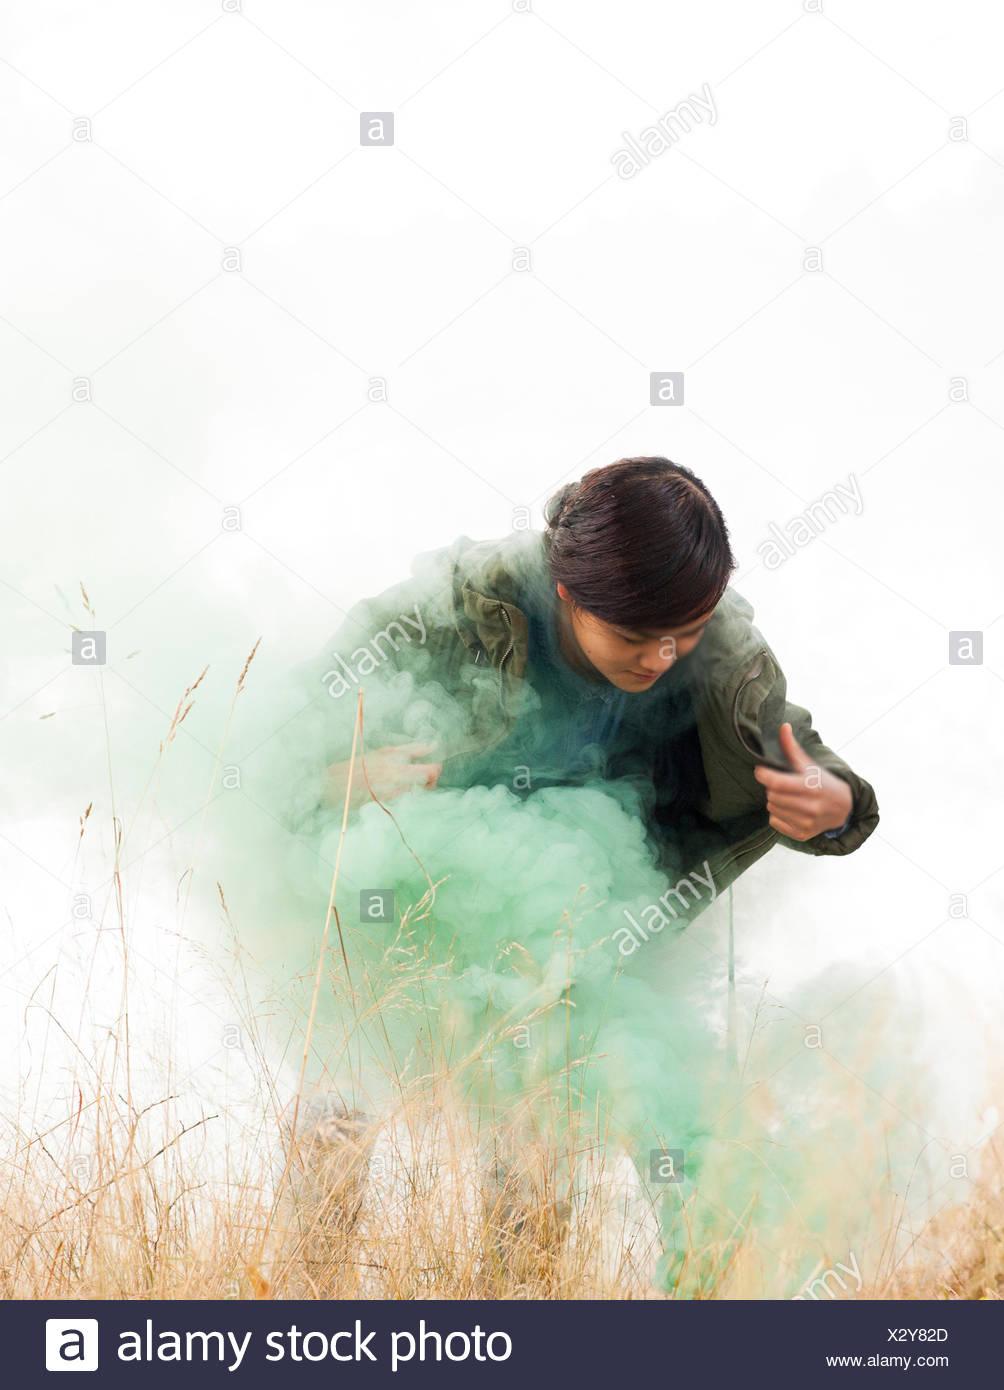 Noruega, Mujer de pie en el césped y humo verde Imagen De Stock